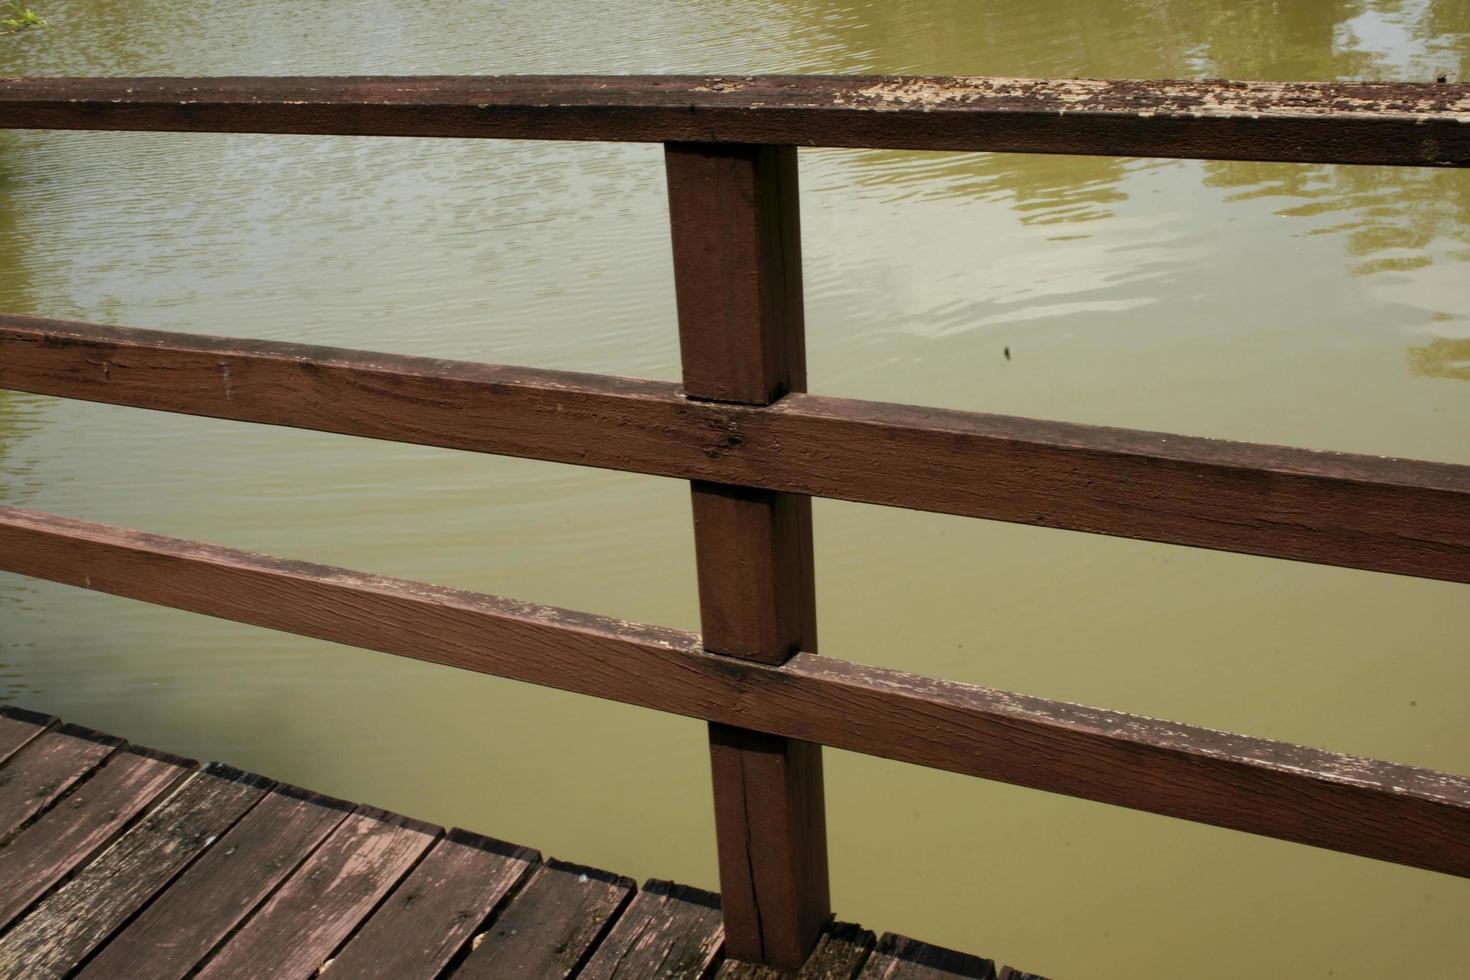 Metallzaun in der Nähe von Wasser foto